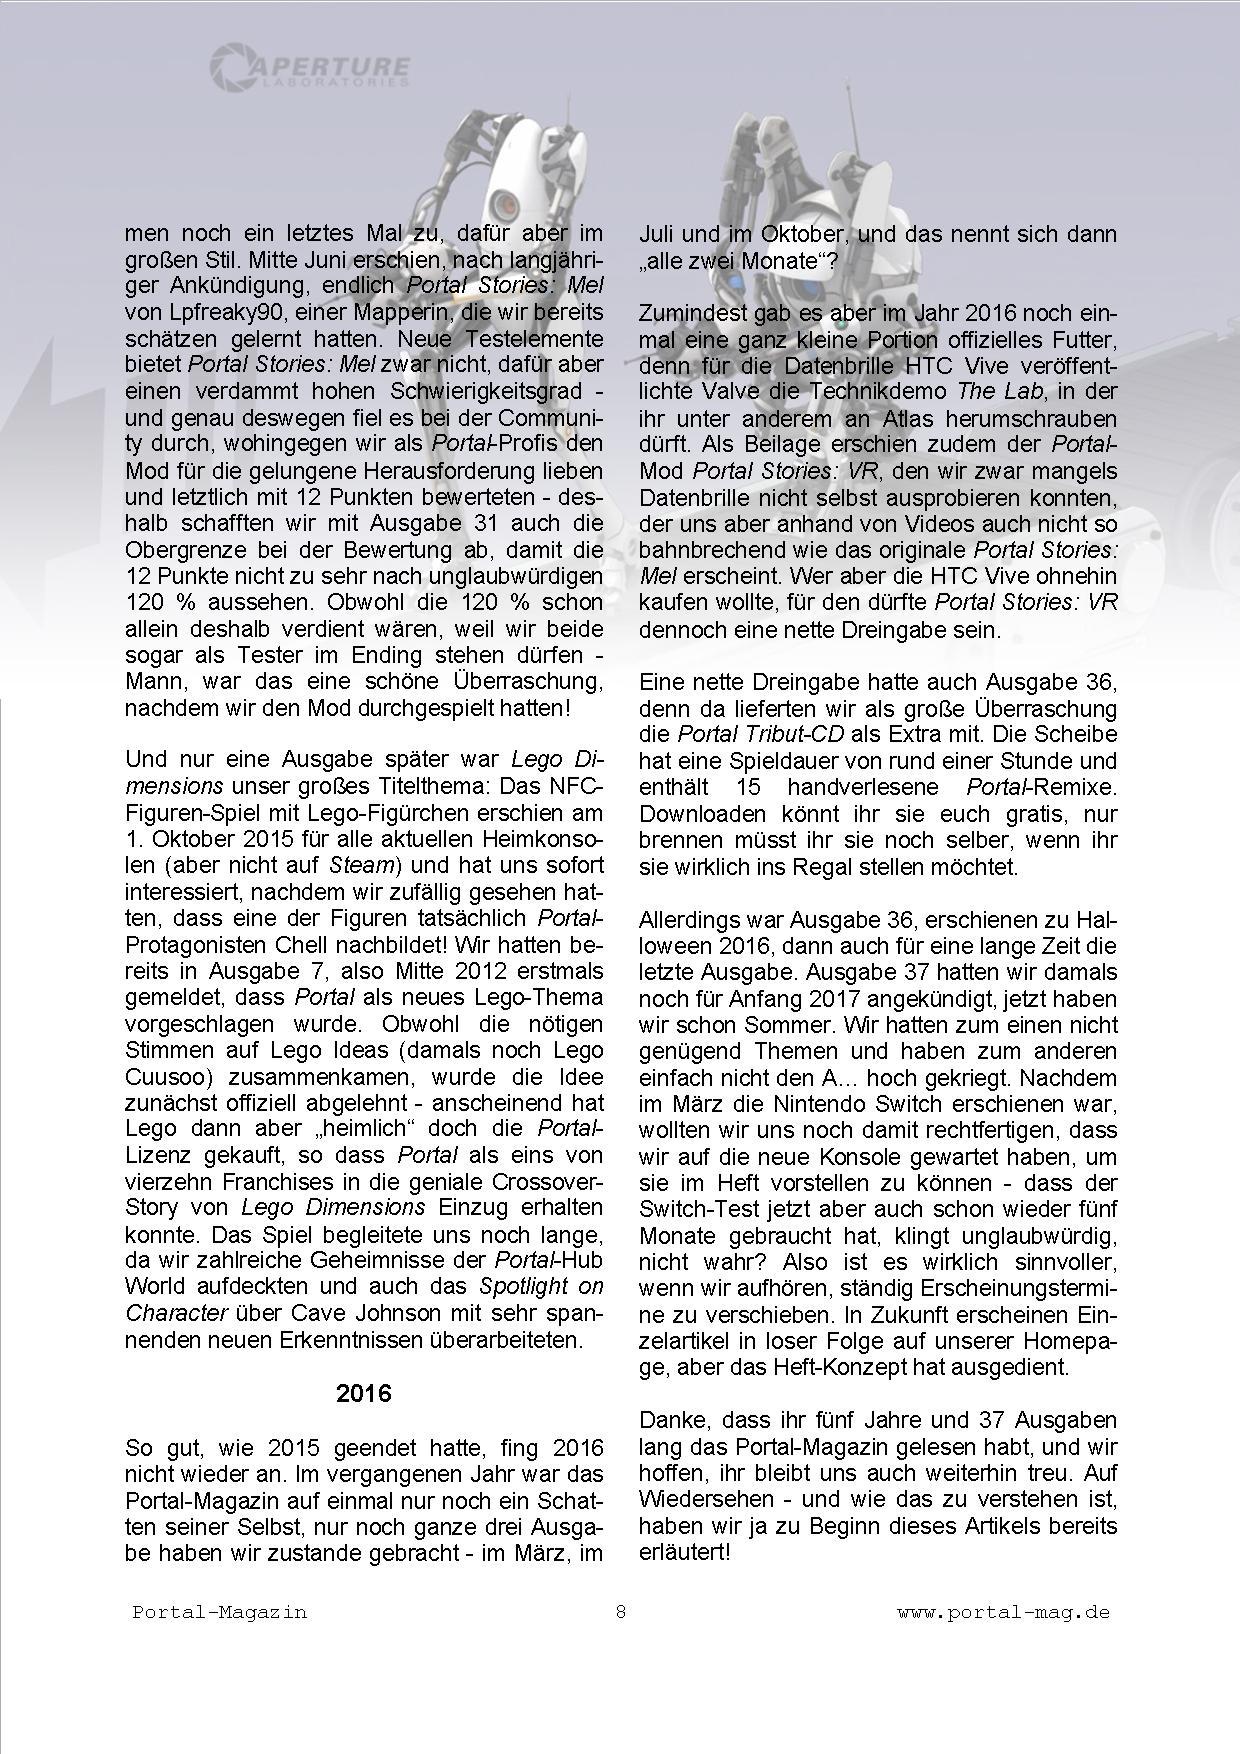 Ausgabe 37, Seite 8